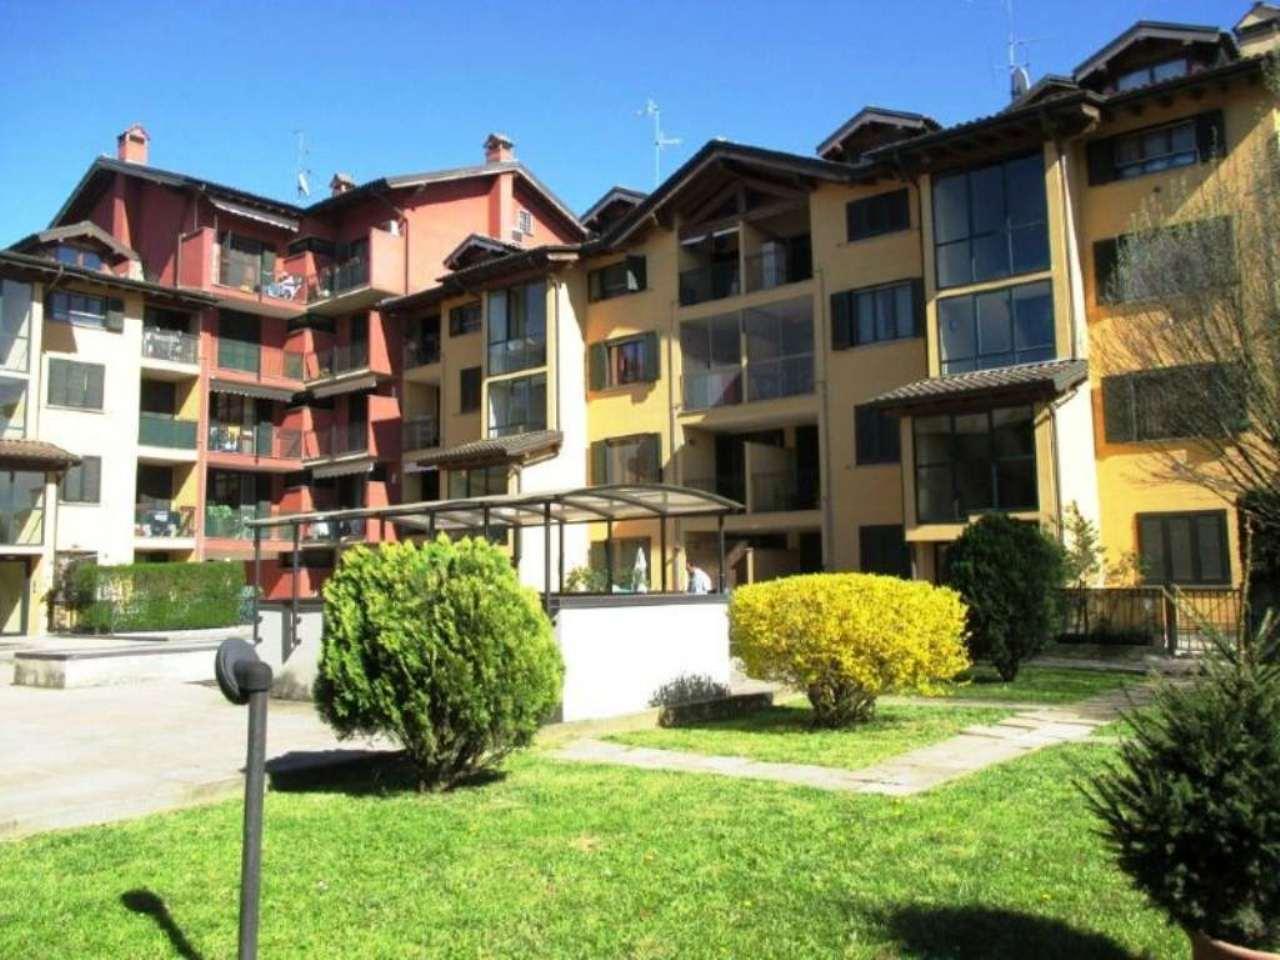 Appartamento in vendita a Landriano, 3 locali, prezzo € 137.000 | CambioCasa.it